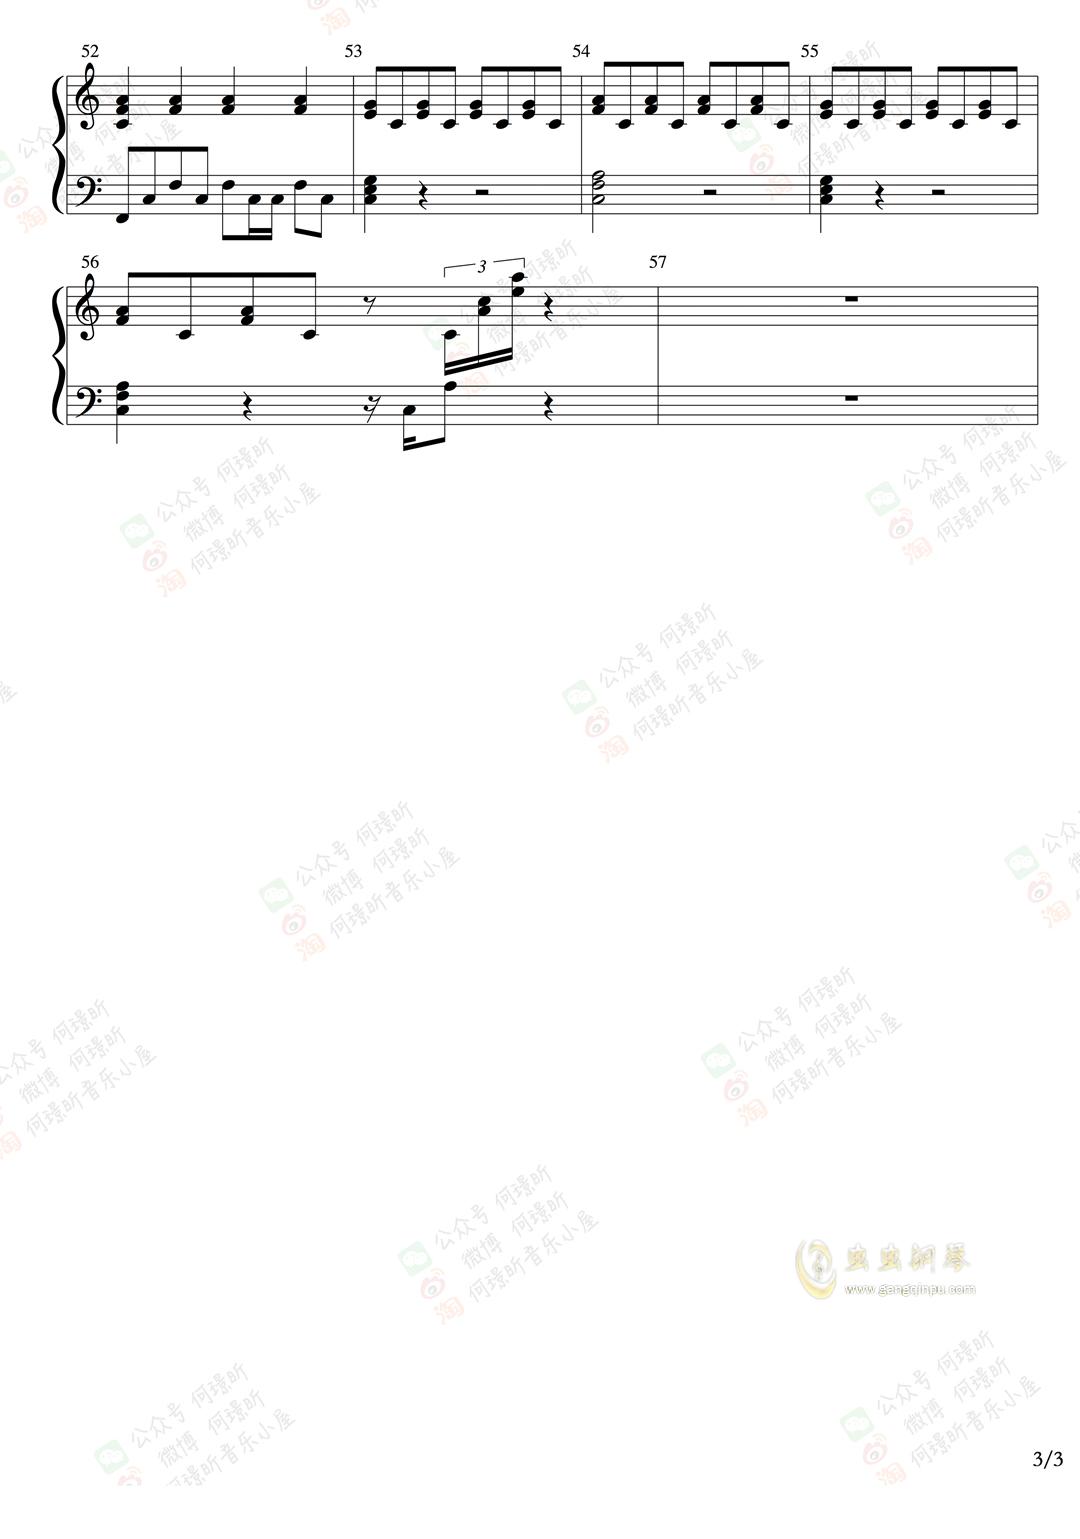 《我喜欢上你时的内心活动》(《喜欢你》主题曲)何璟昕版本 钢琴弹唱图片